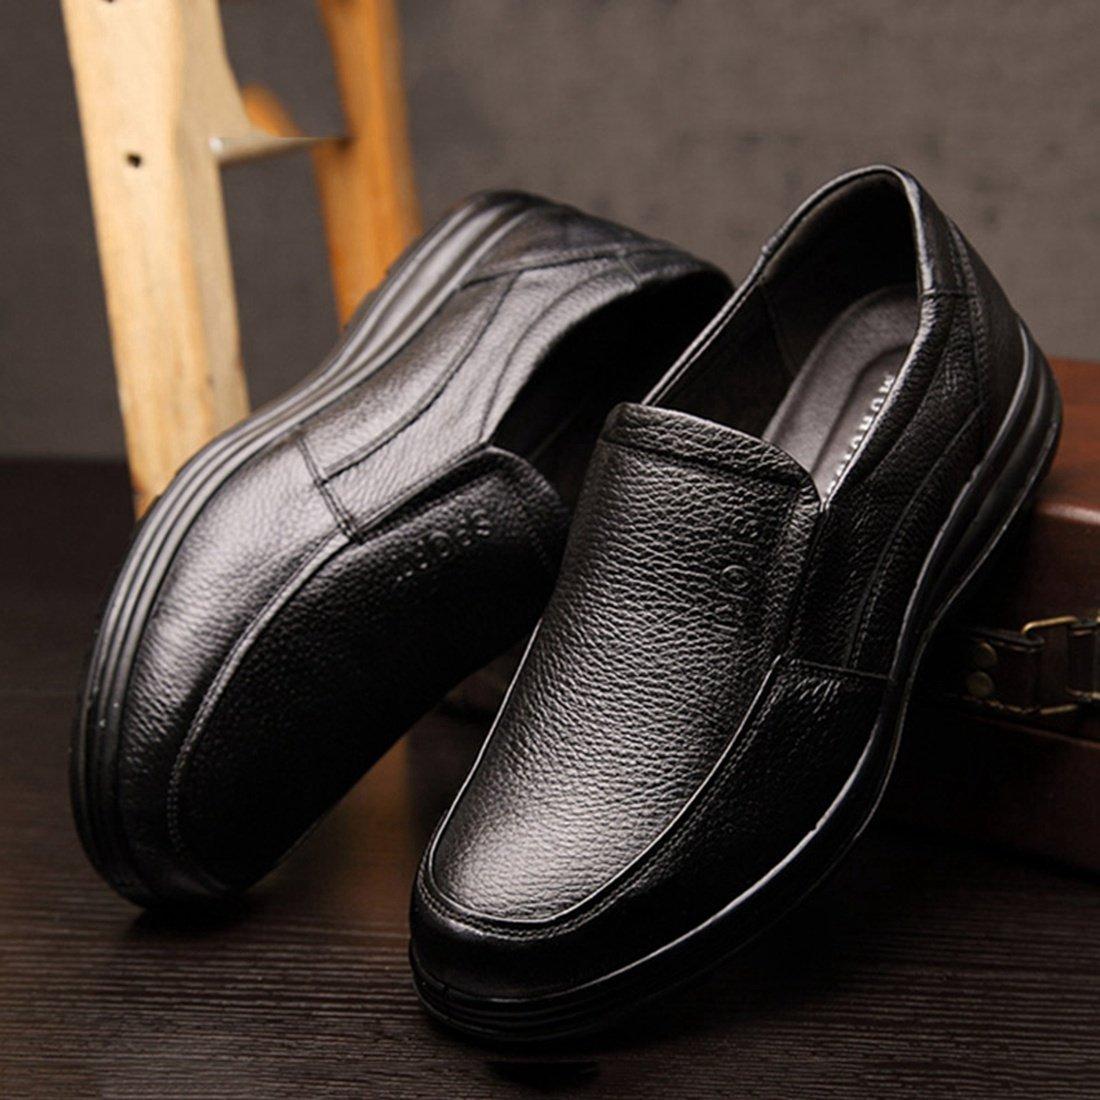 Enerhu Men Slip on Work Shoe Flat Chef Shoes Leather Wear Resistant Oilproof Waterproof Black Asian 44/US 9.5 by Enerhu (Image #4)